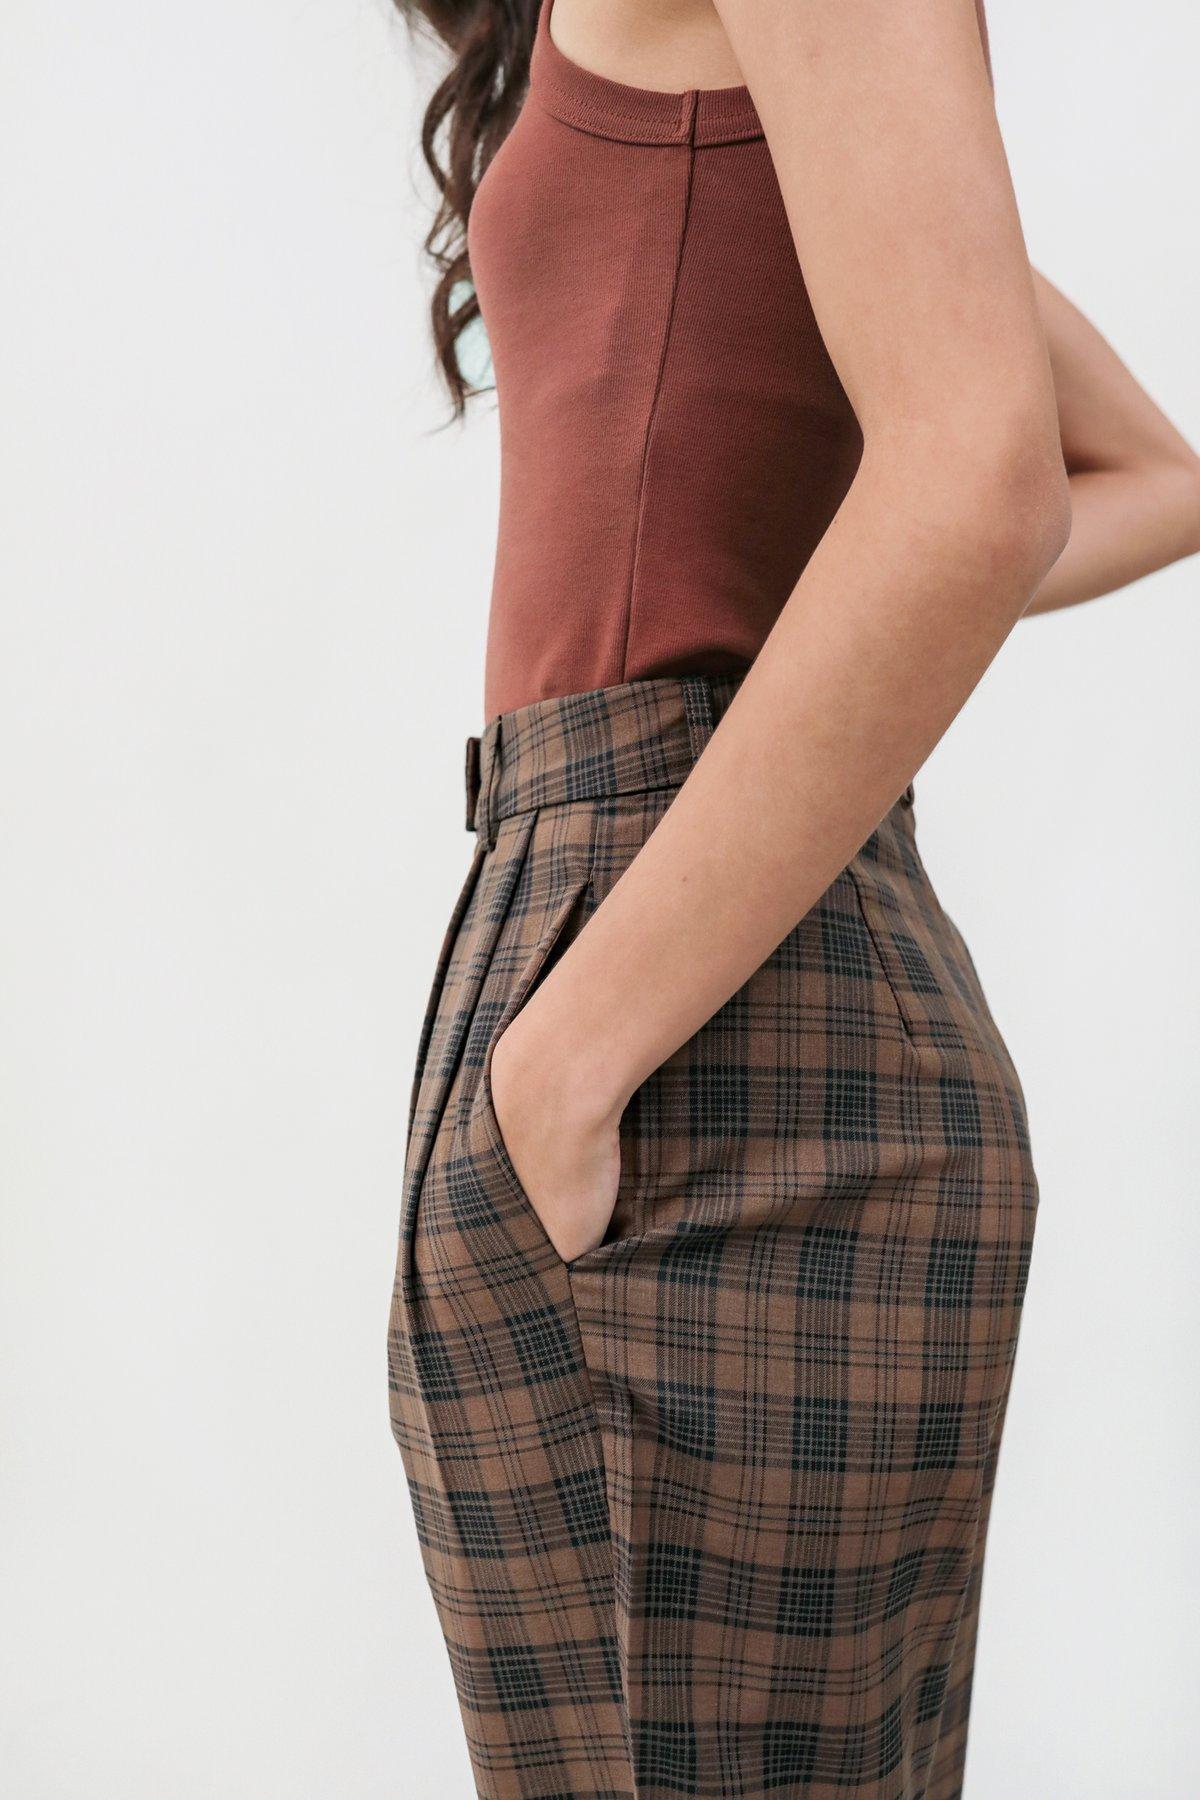 Marshall Peg Leg Pants (Brown Plaids)